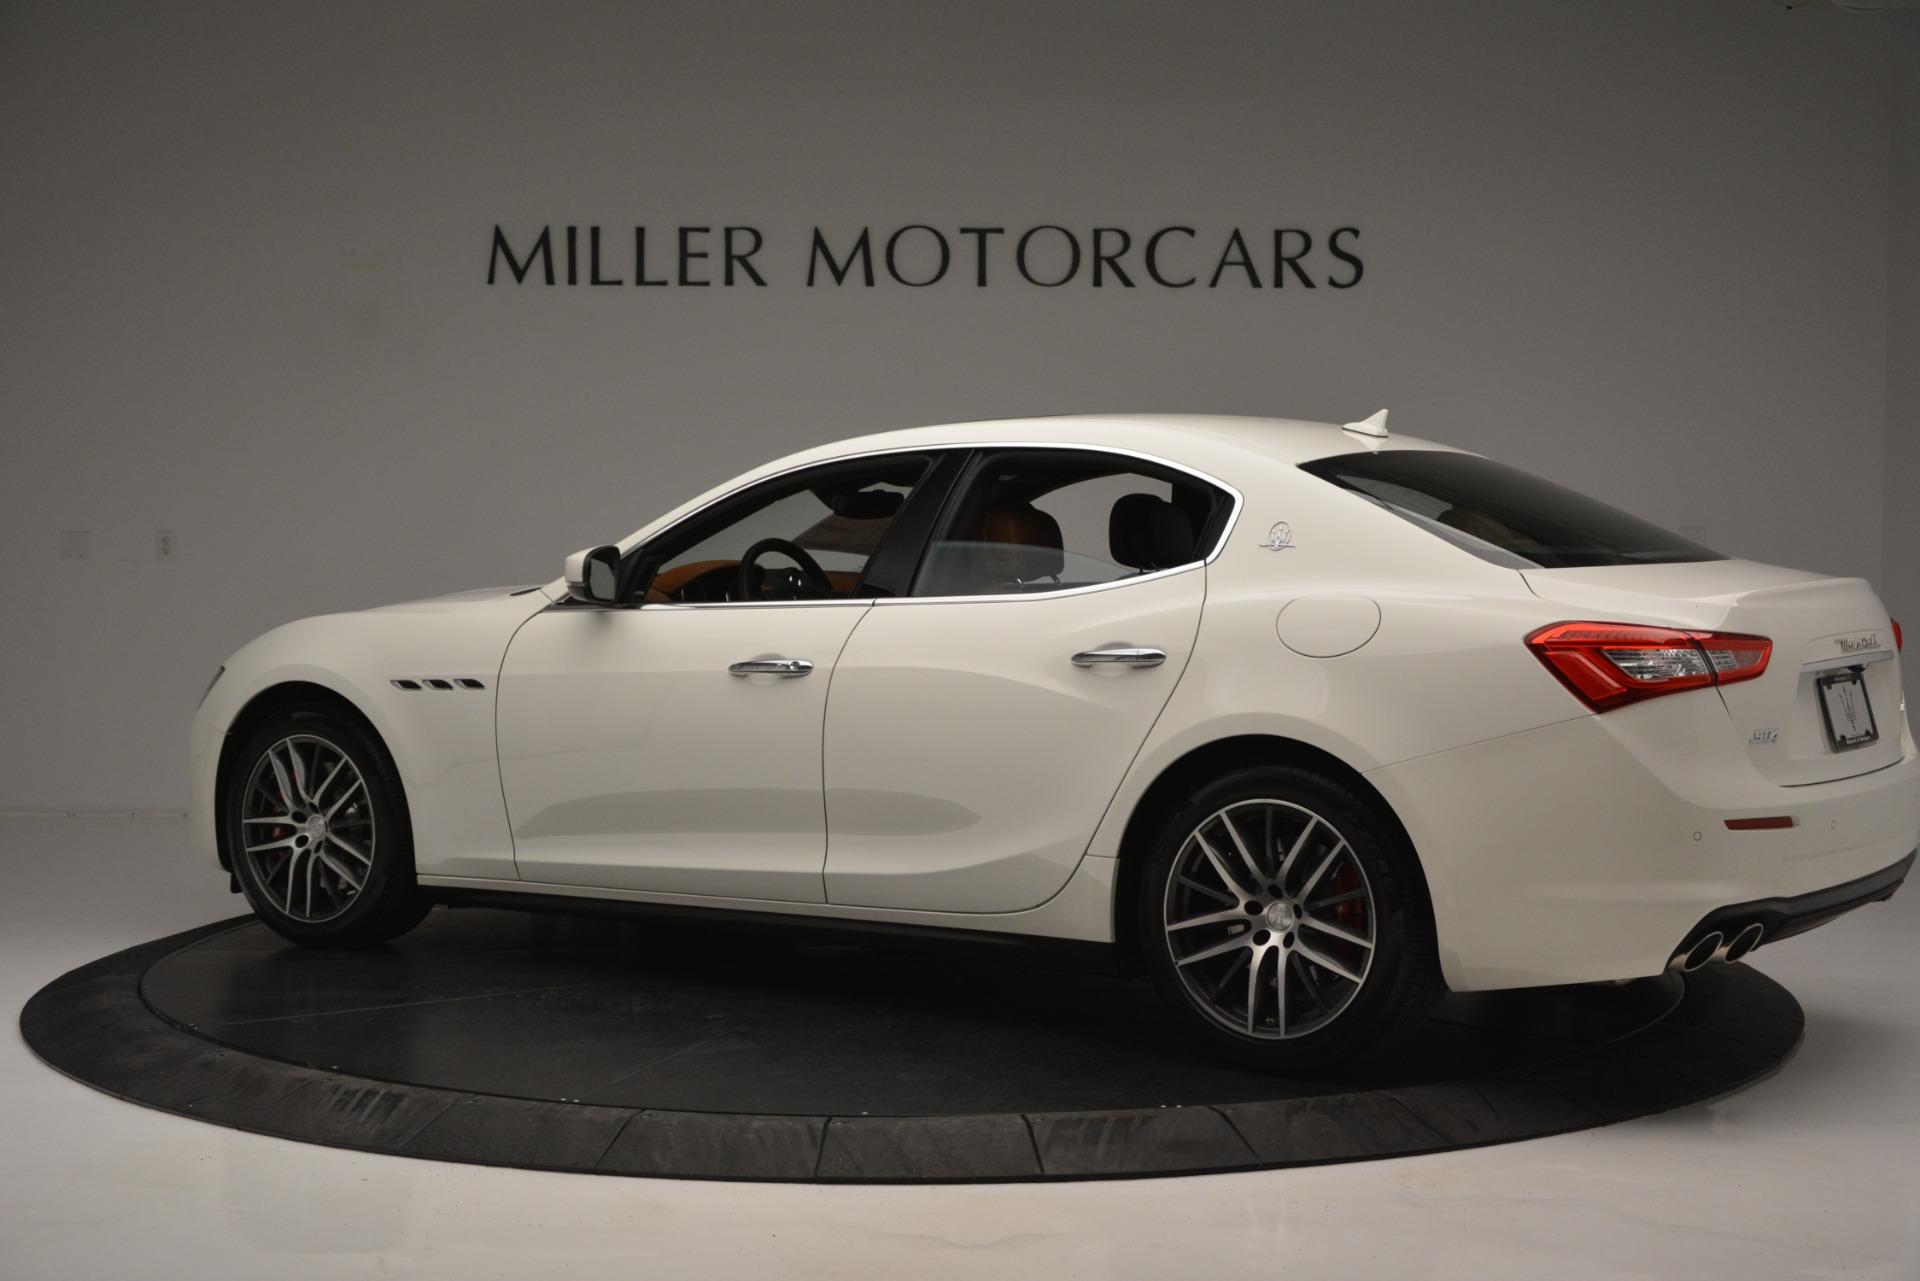 New 2019 Maserati Ghibli S Q4 For Sale In Greenwich, CT 2639_p3